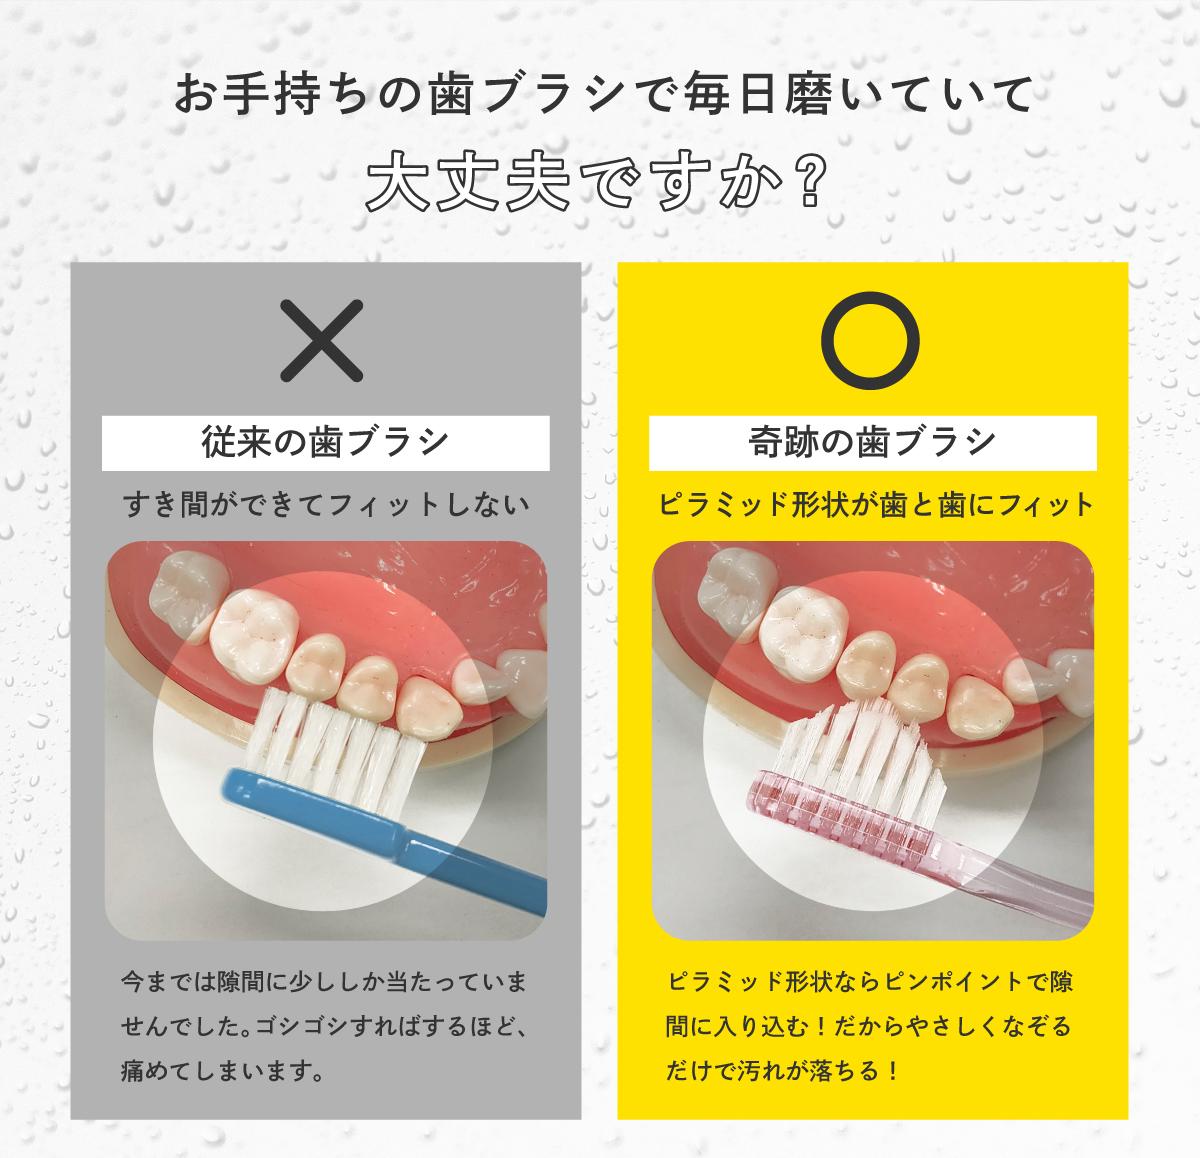 従来の歯ブラシでは歯にフィットしません